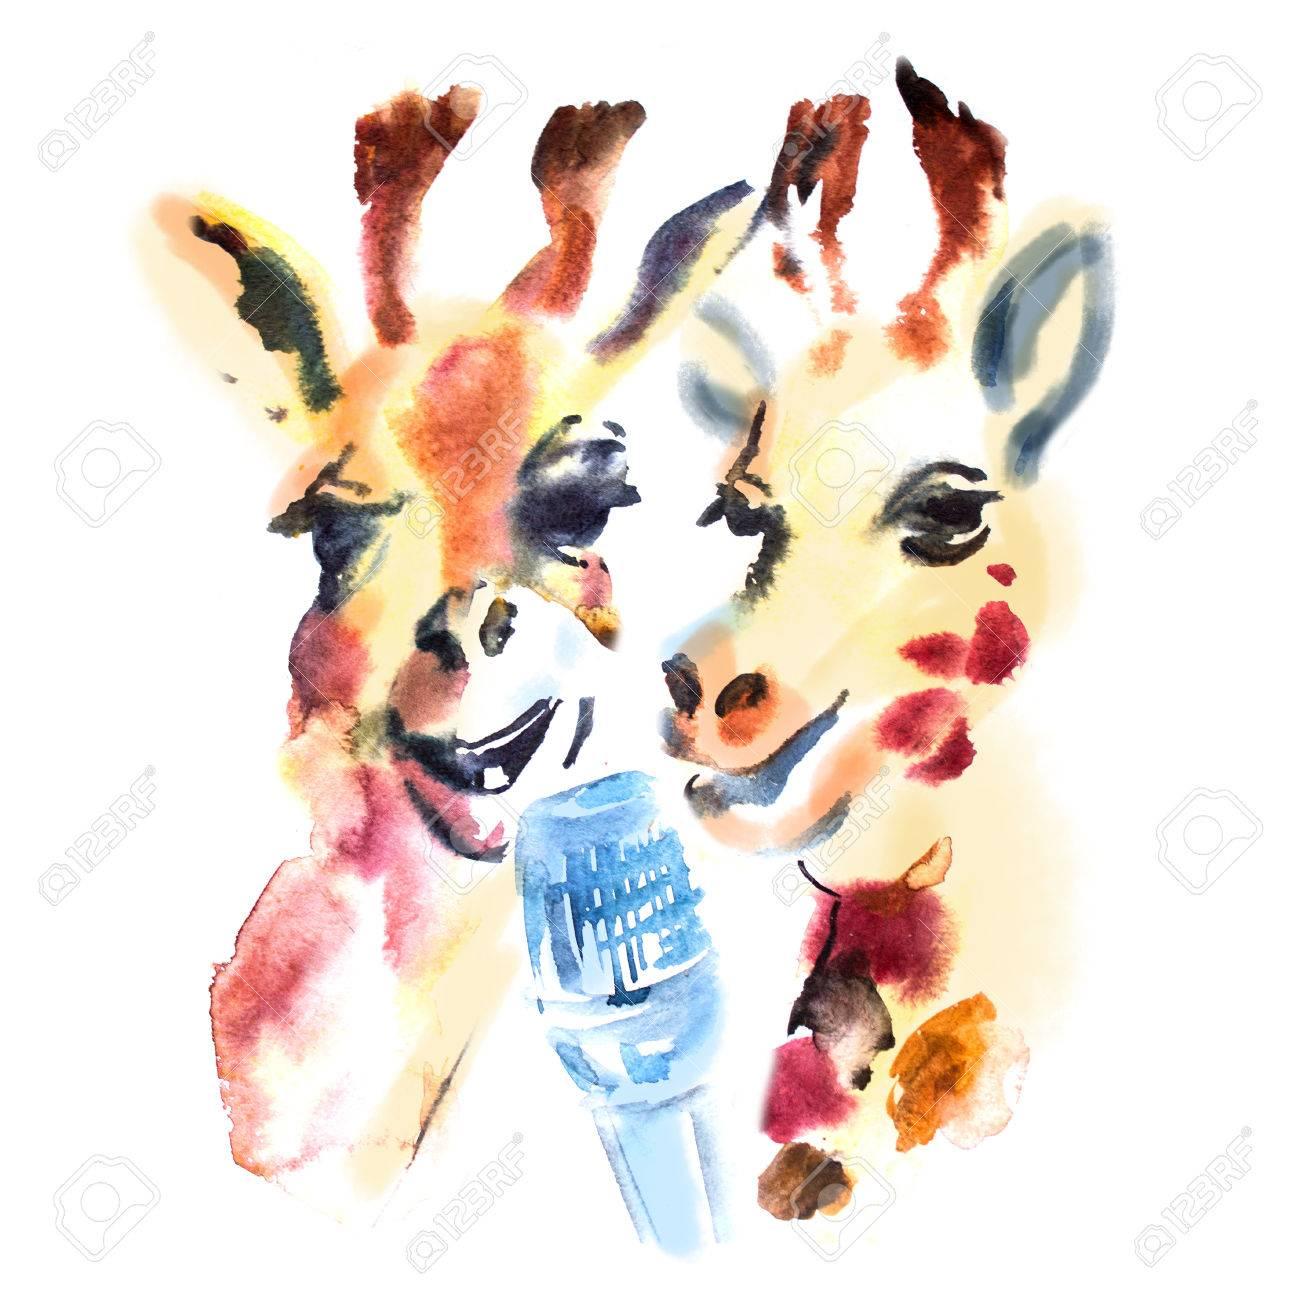 かわいいキリンが 2 頭はカラオケで歌を歌います楽しく陽気な動物の